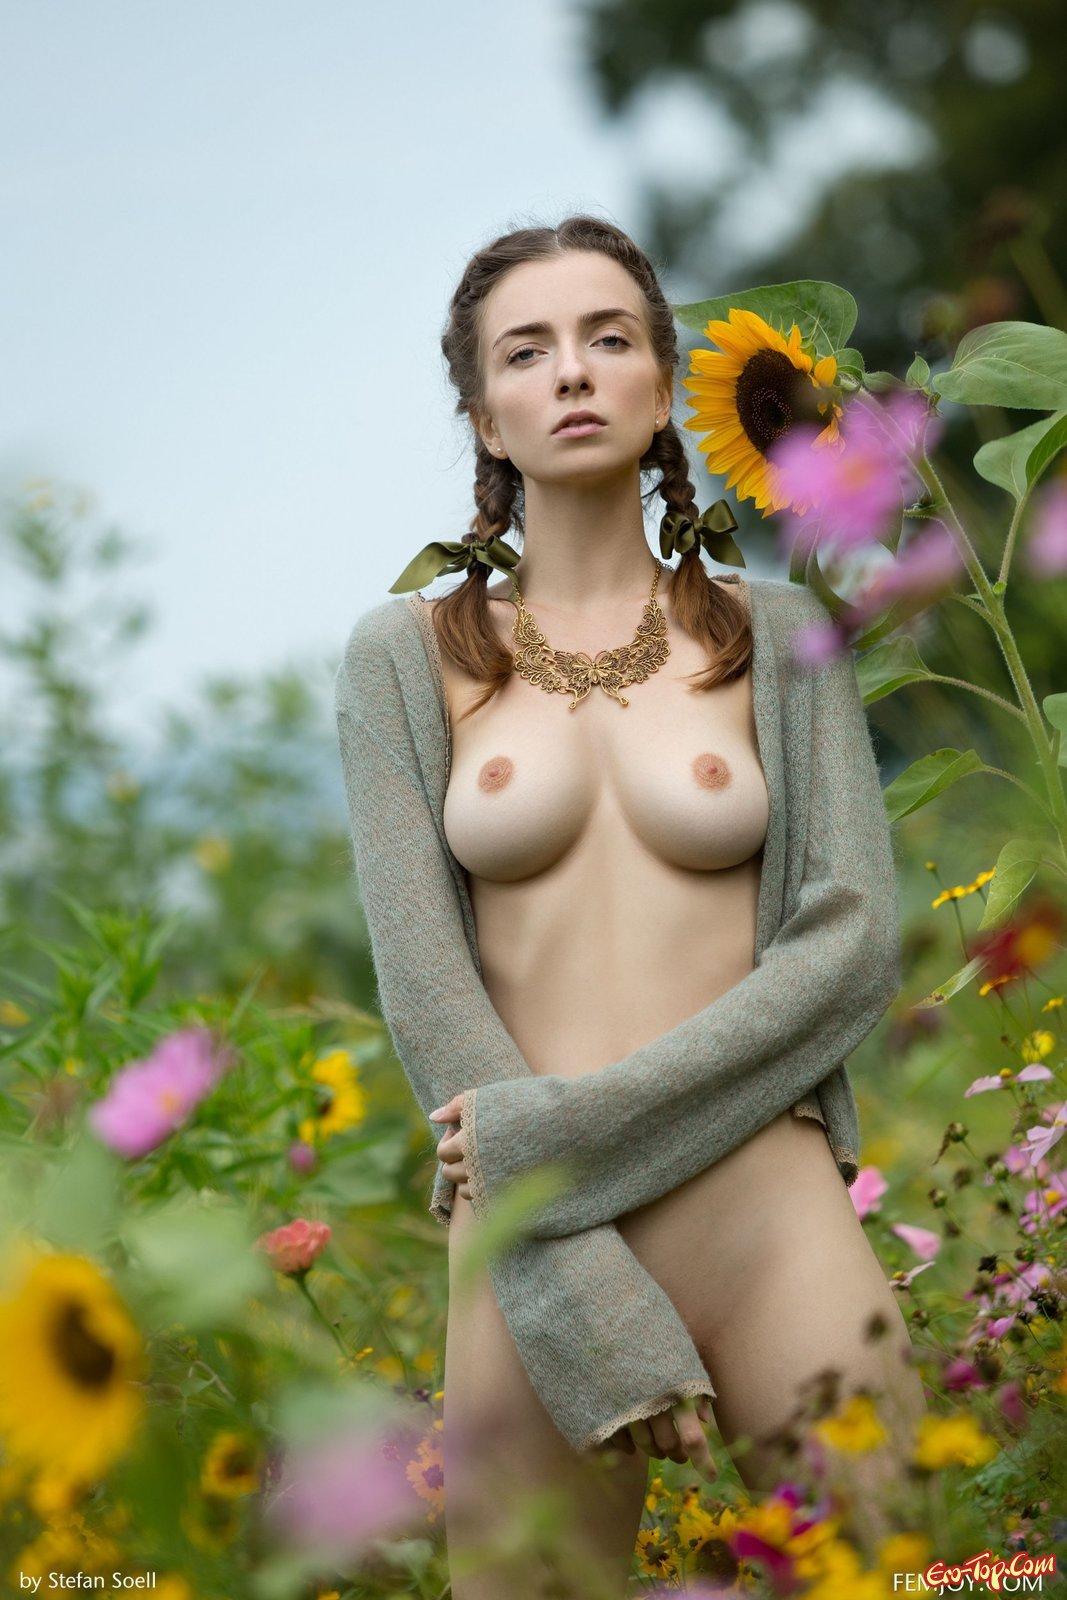 Голая красоточка показала титьки среди цветов смотреть эротику